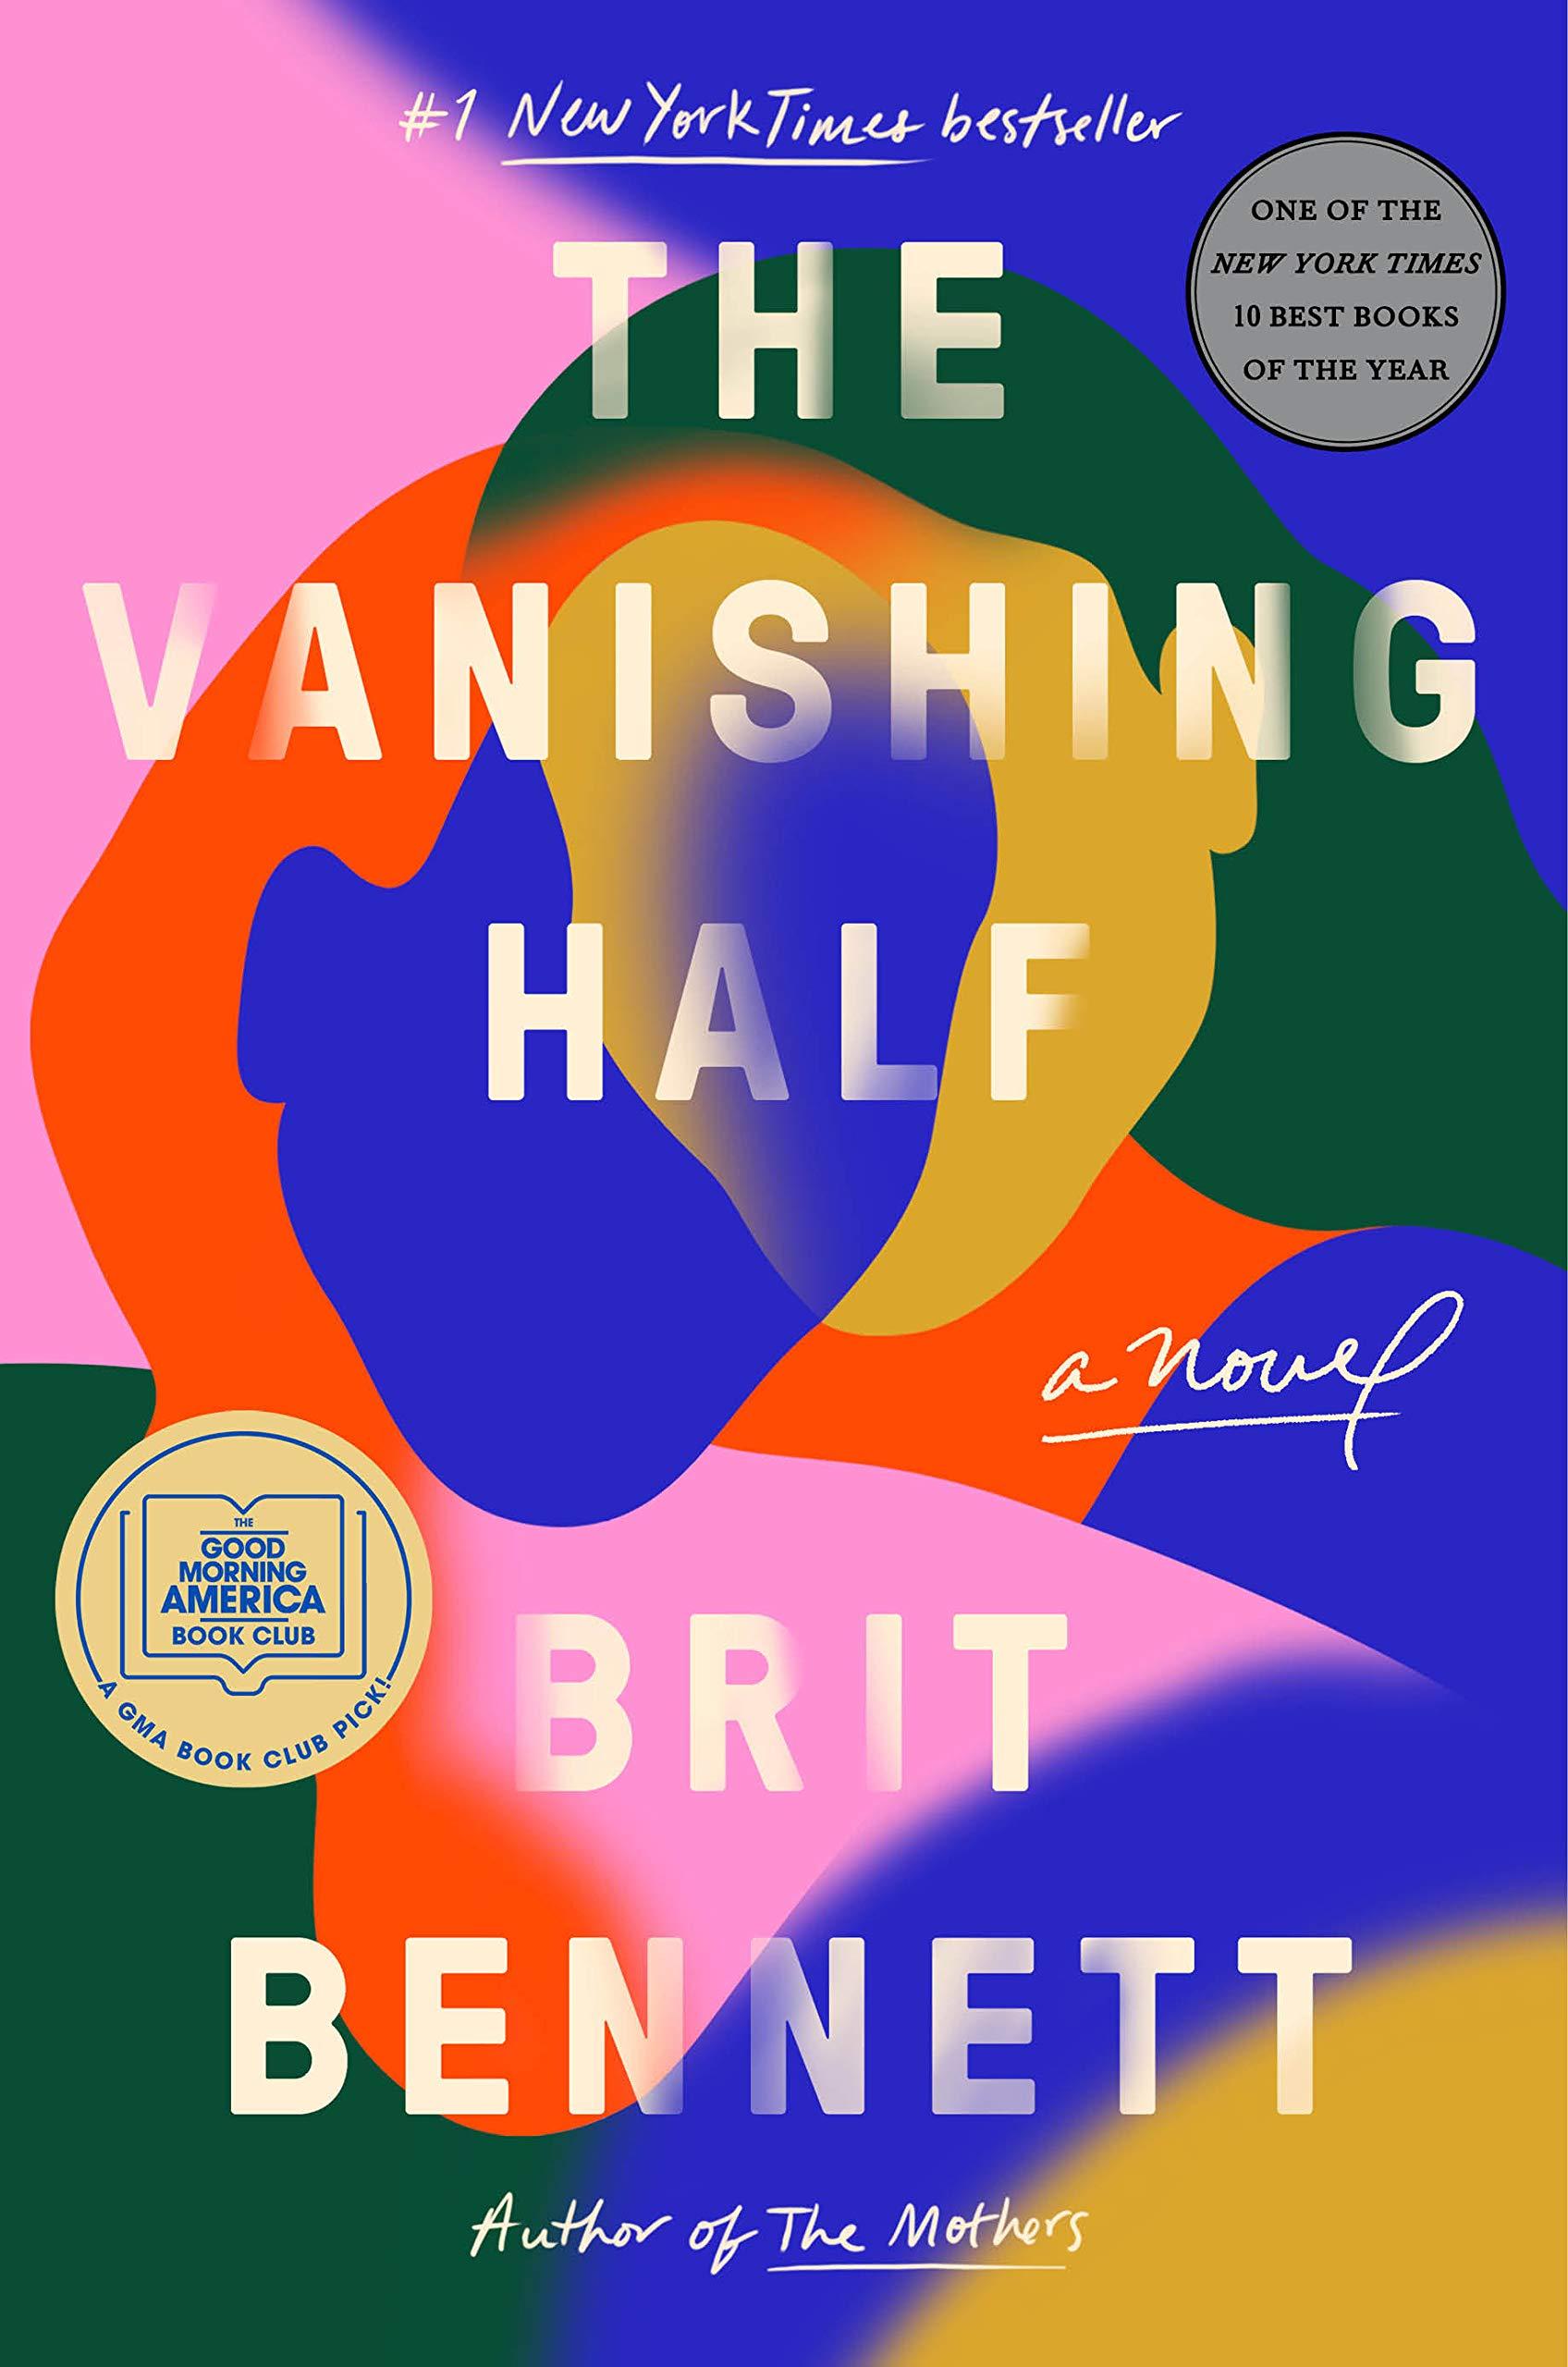 Book cover art for The Vanishing Half by Brit Bennett